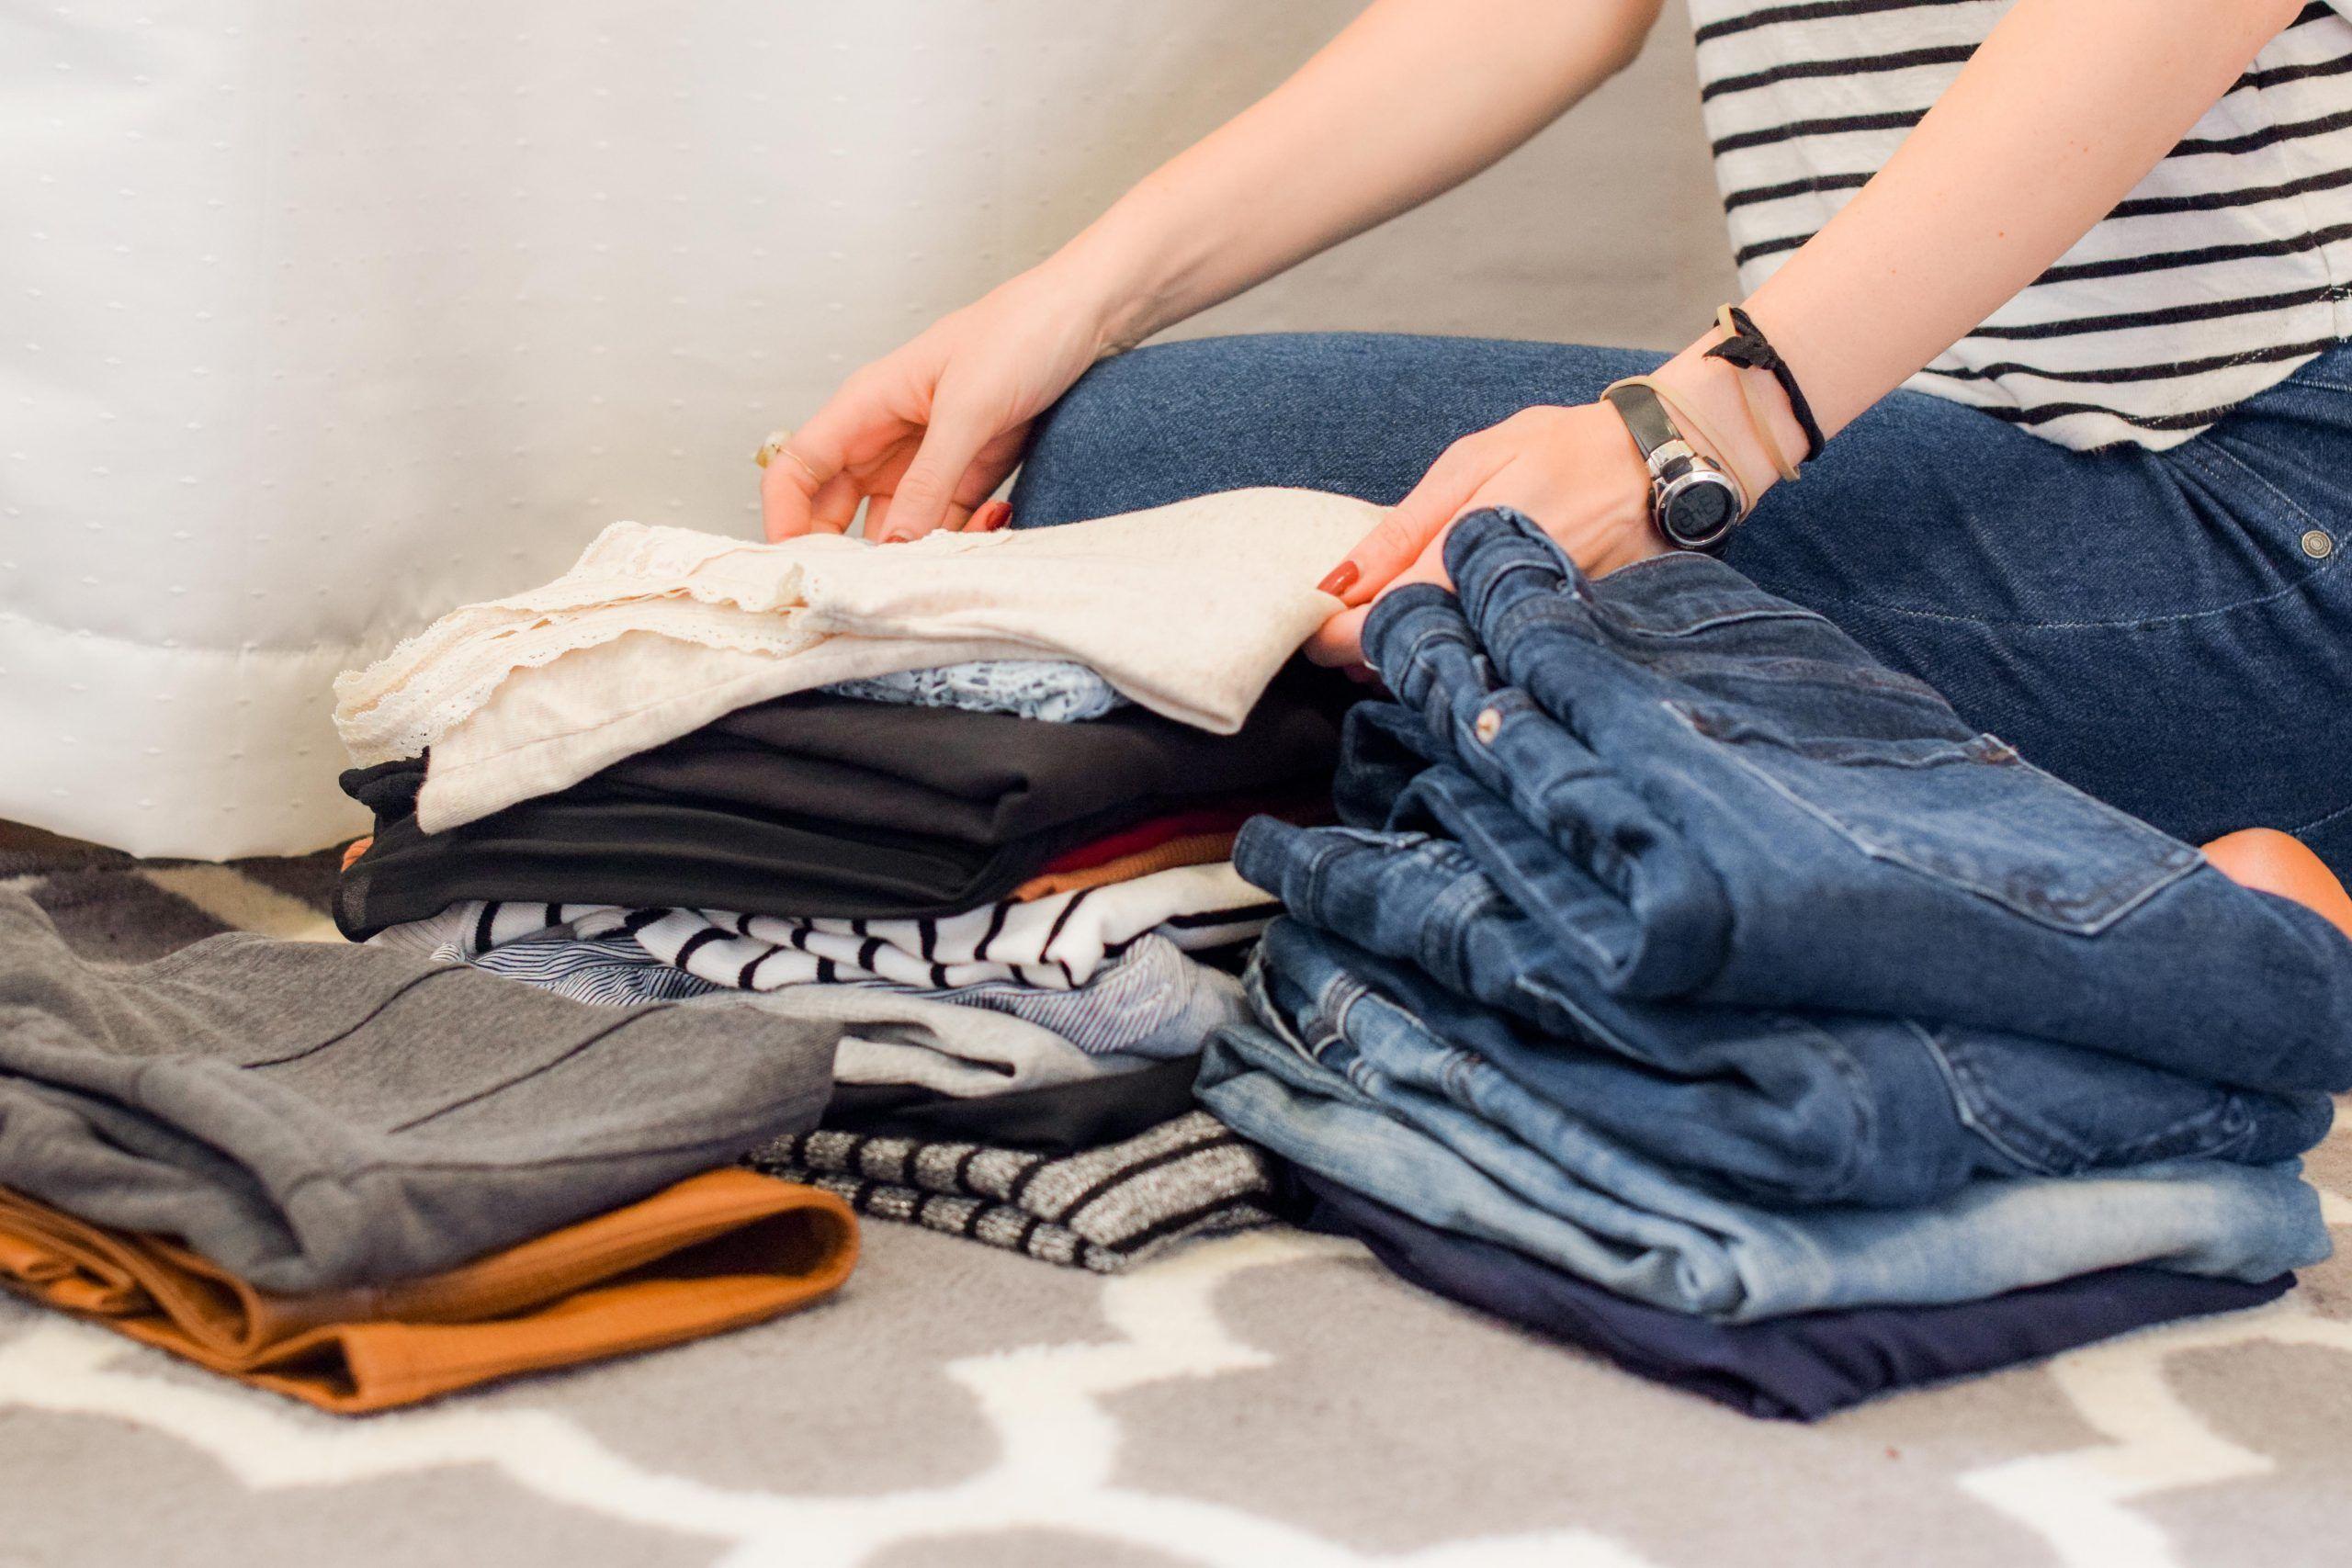 ¿Sabes como quitar manchas de sangre o grasa de tu ropa?